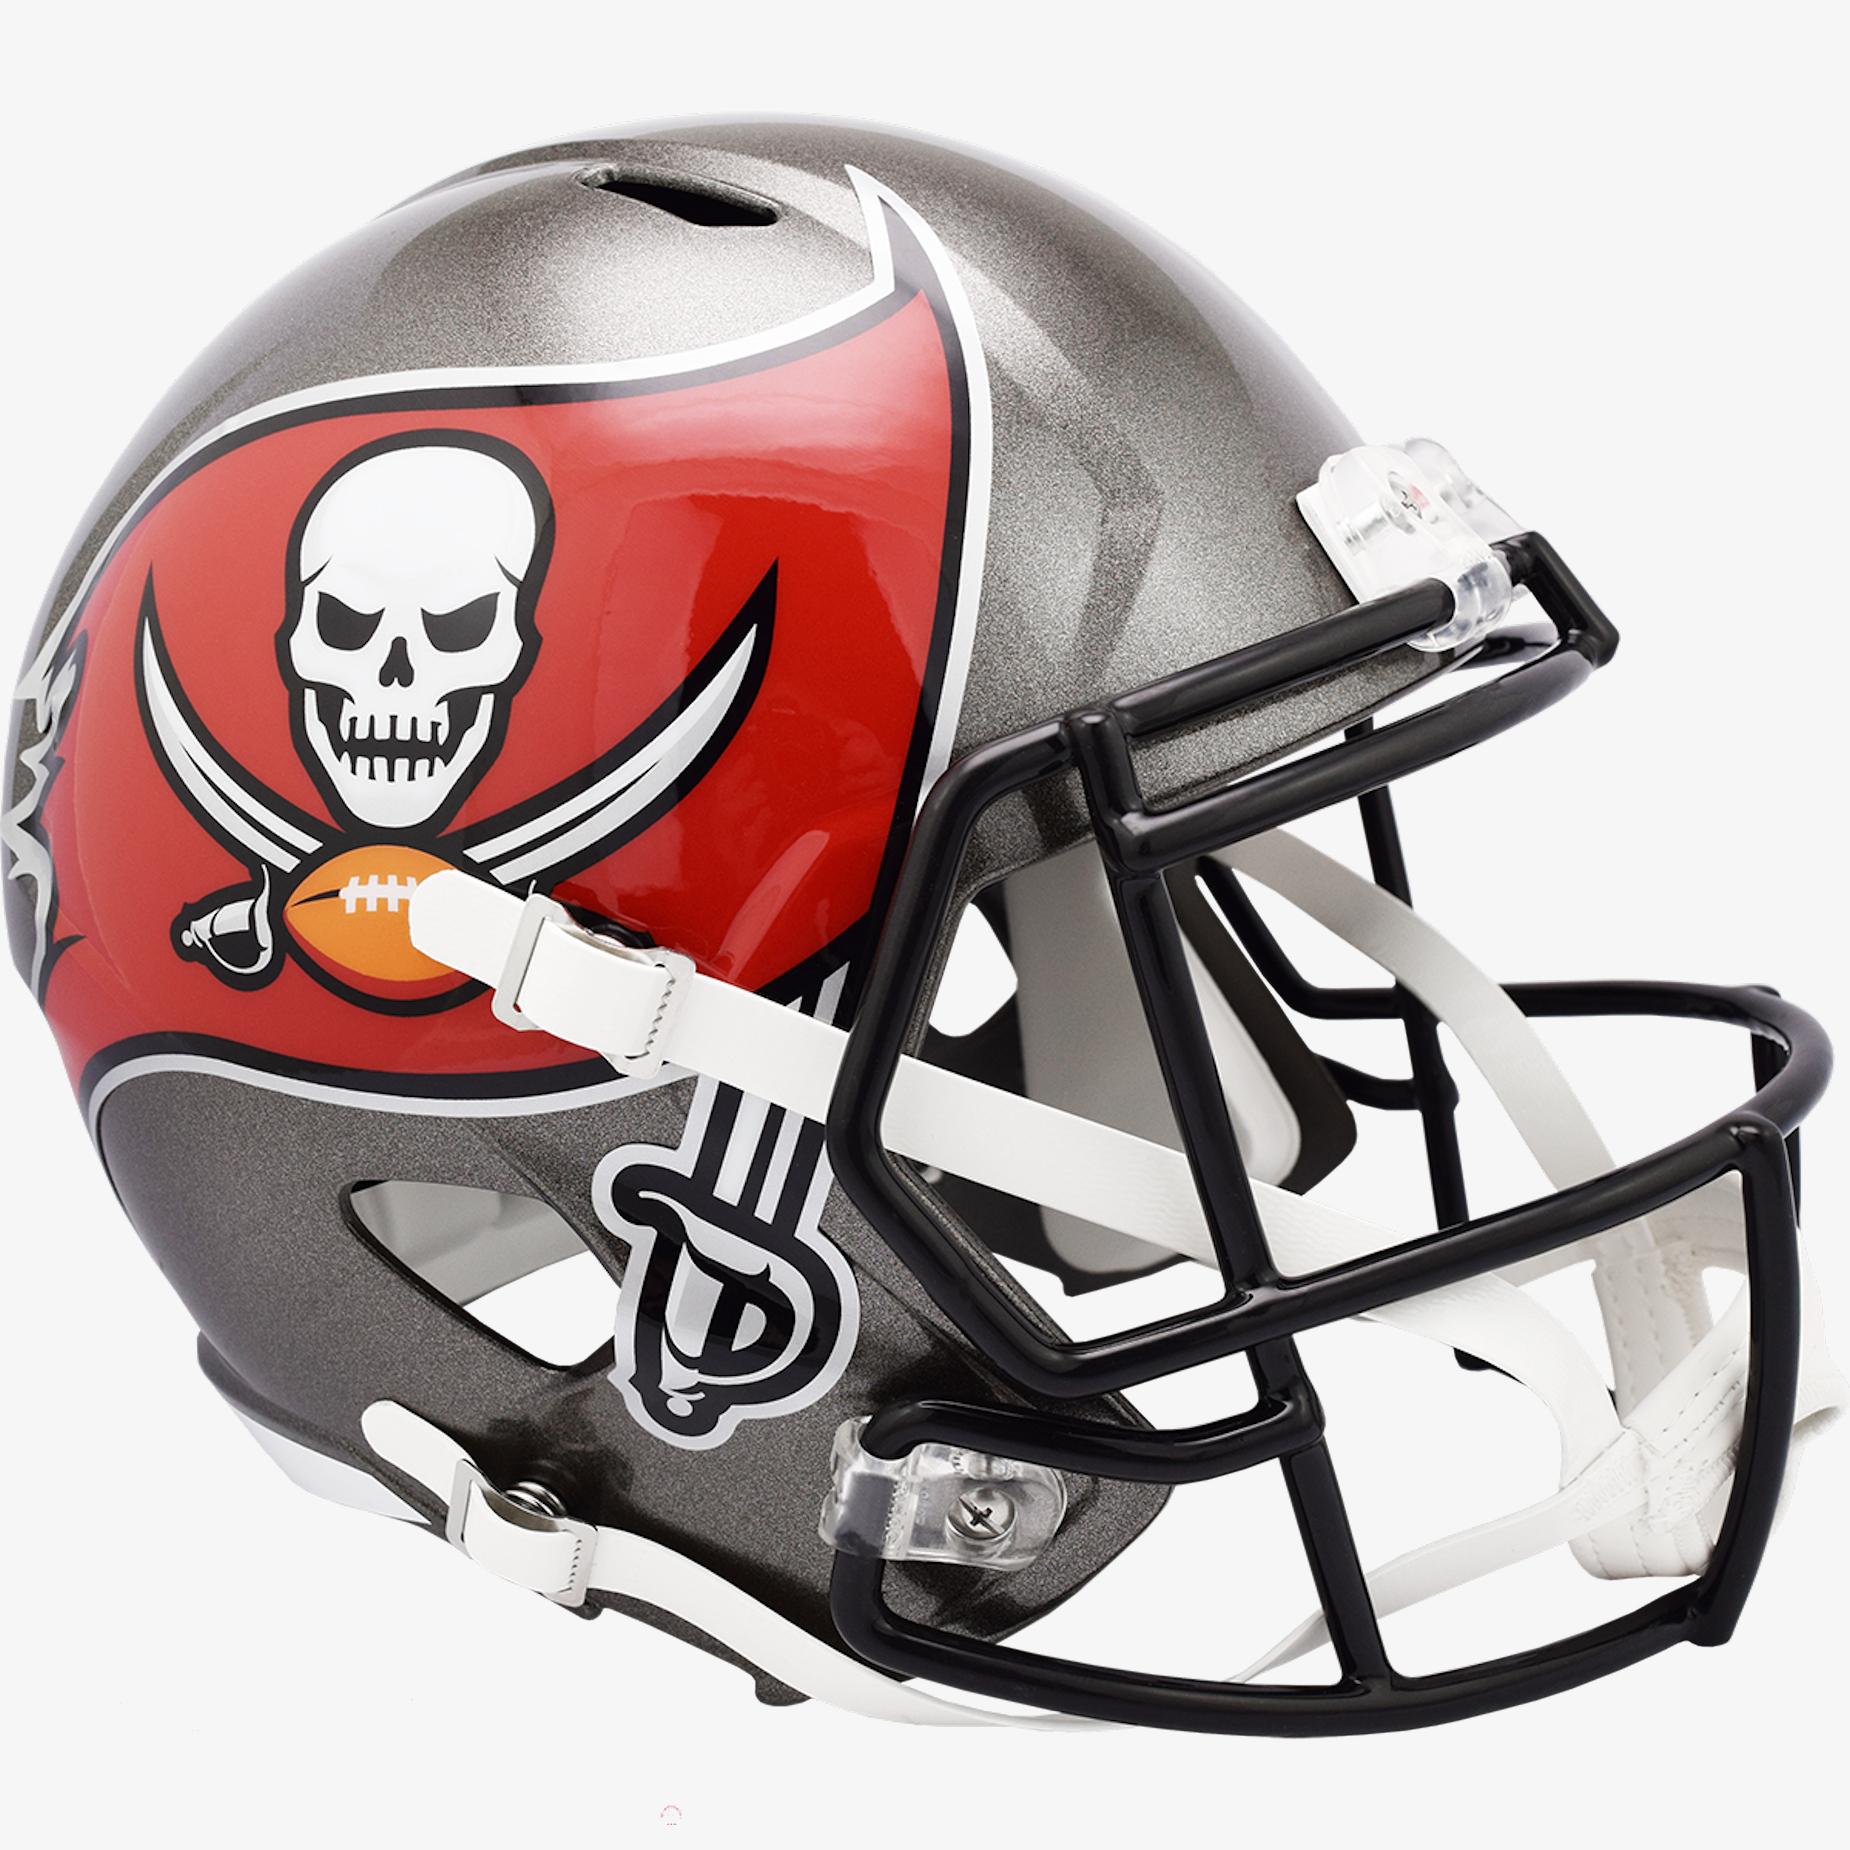 Tampa Bay Buccaneers Speed Replica Football Helmet <B>WINNER</B>